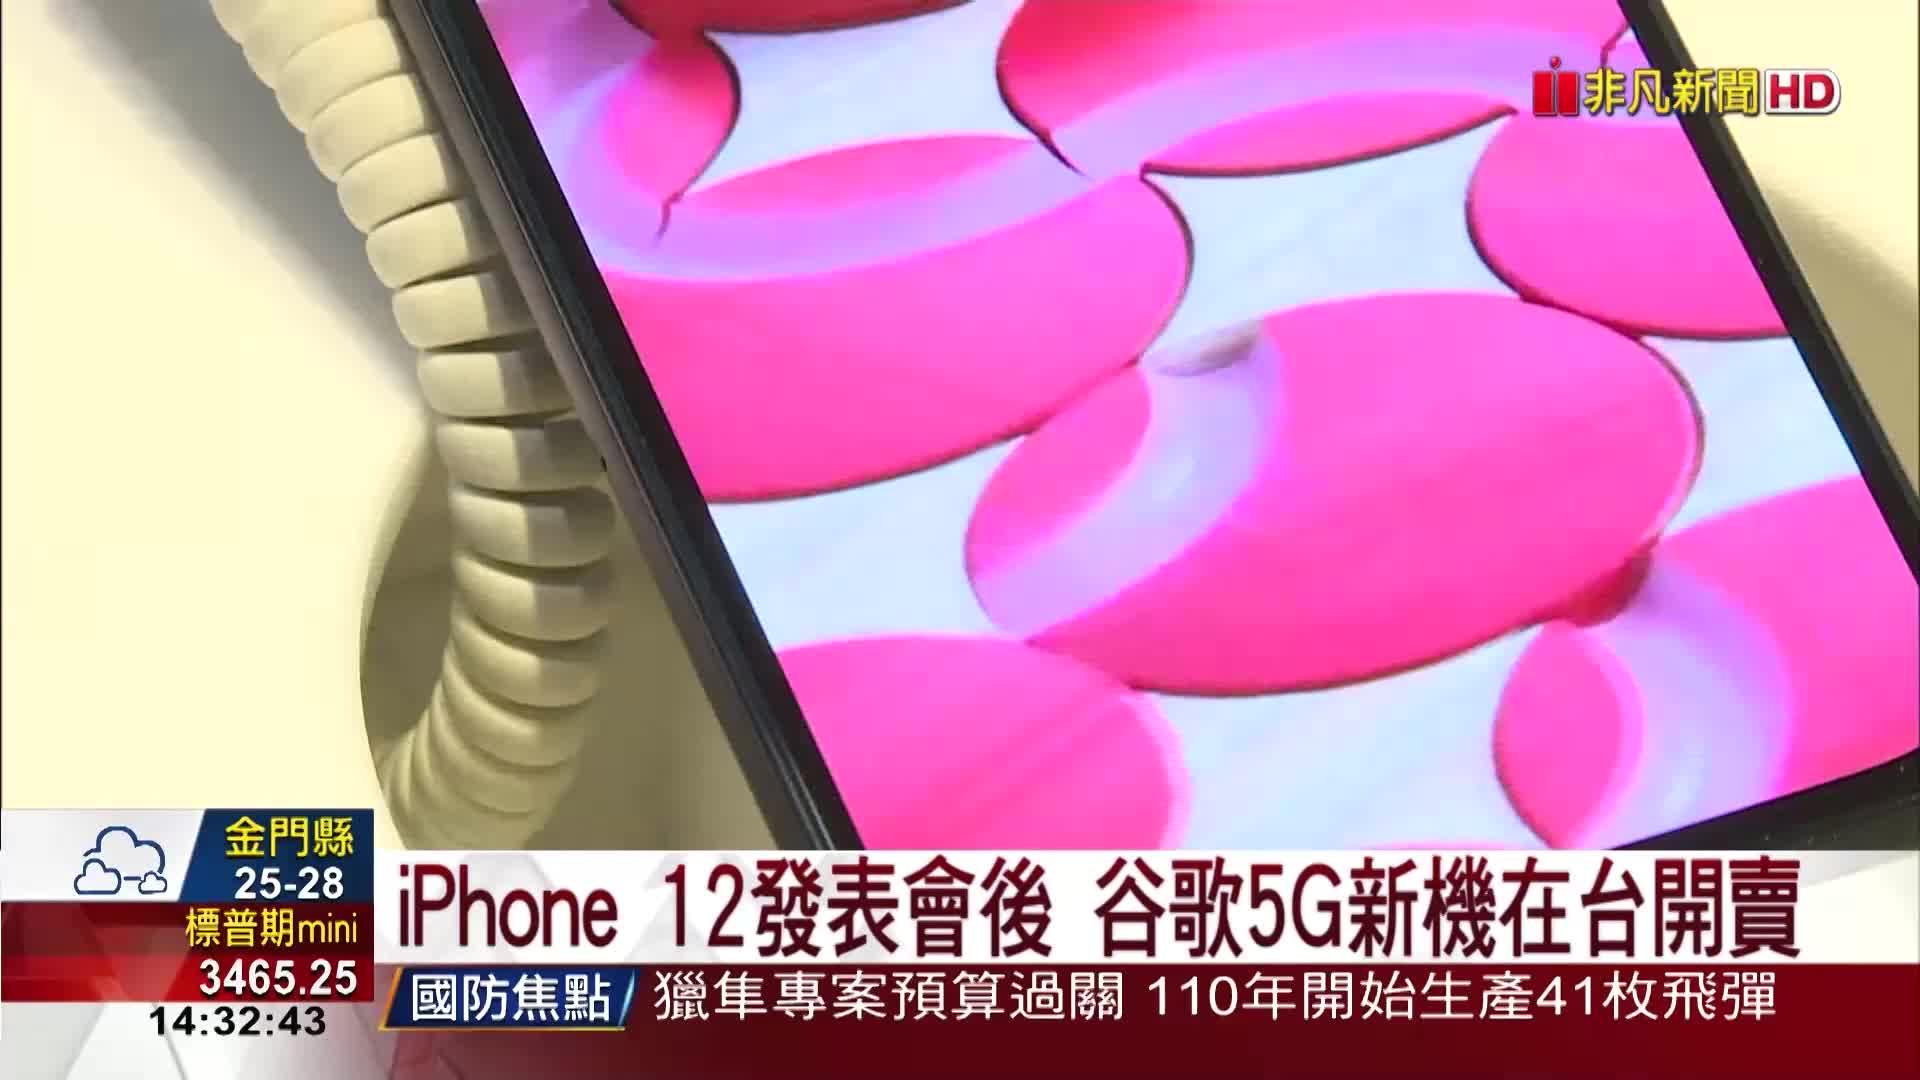 iPhone 12發表會後 谷歌5G新機在台開賣